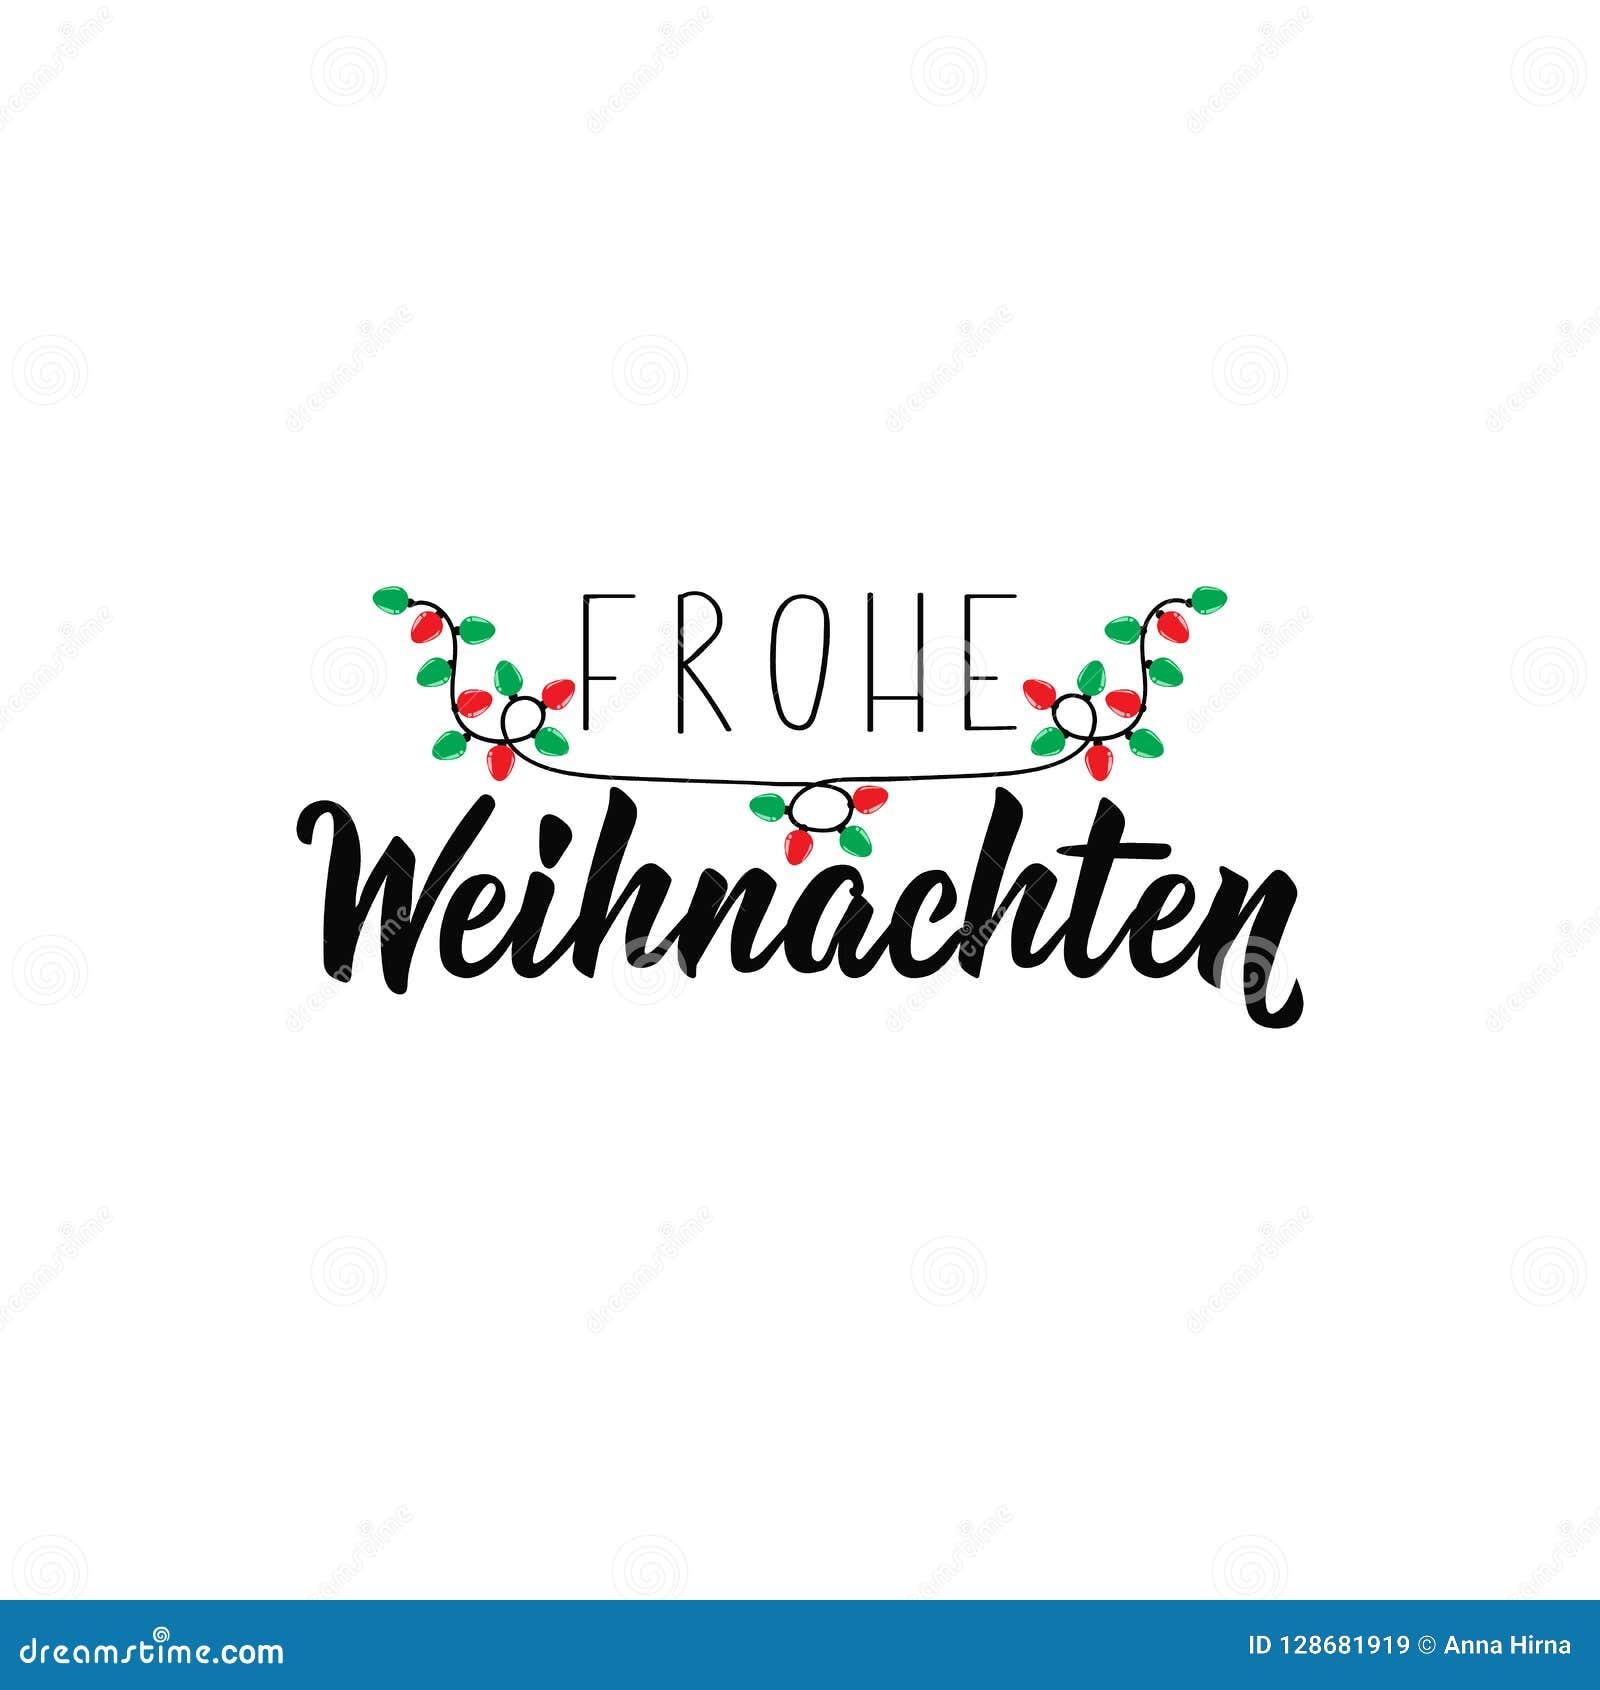 Надписи на открытках на немецкому